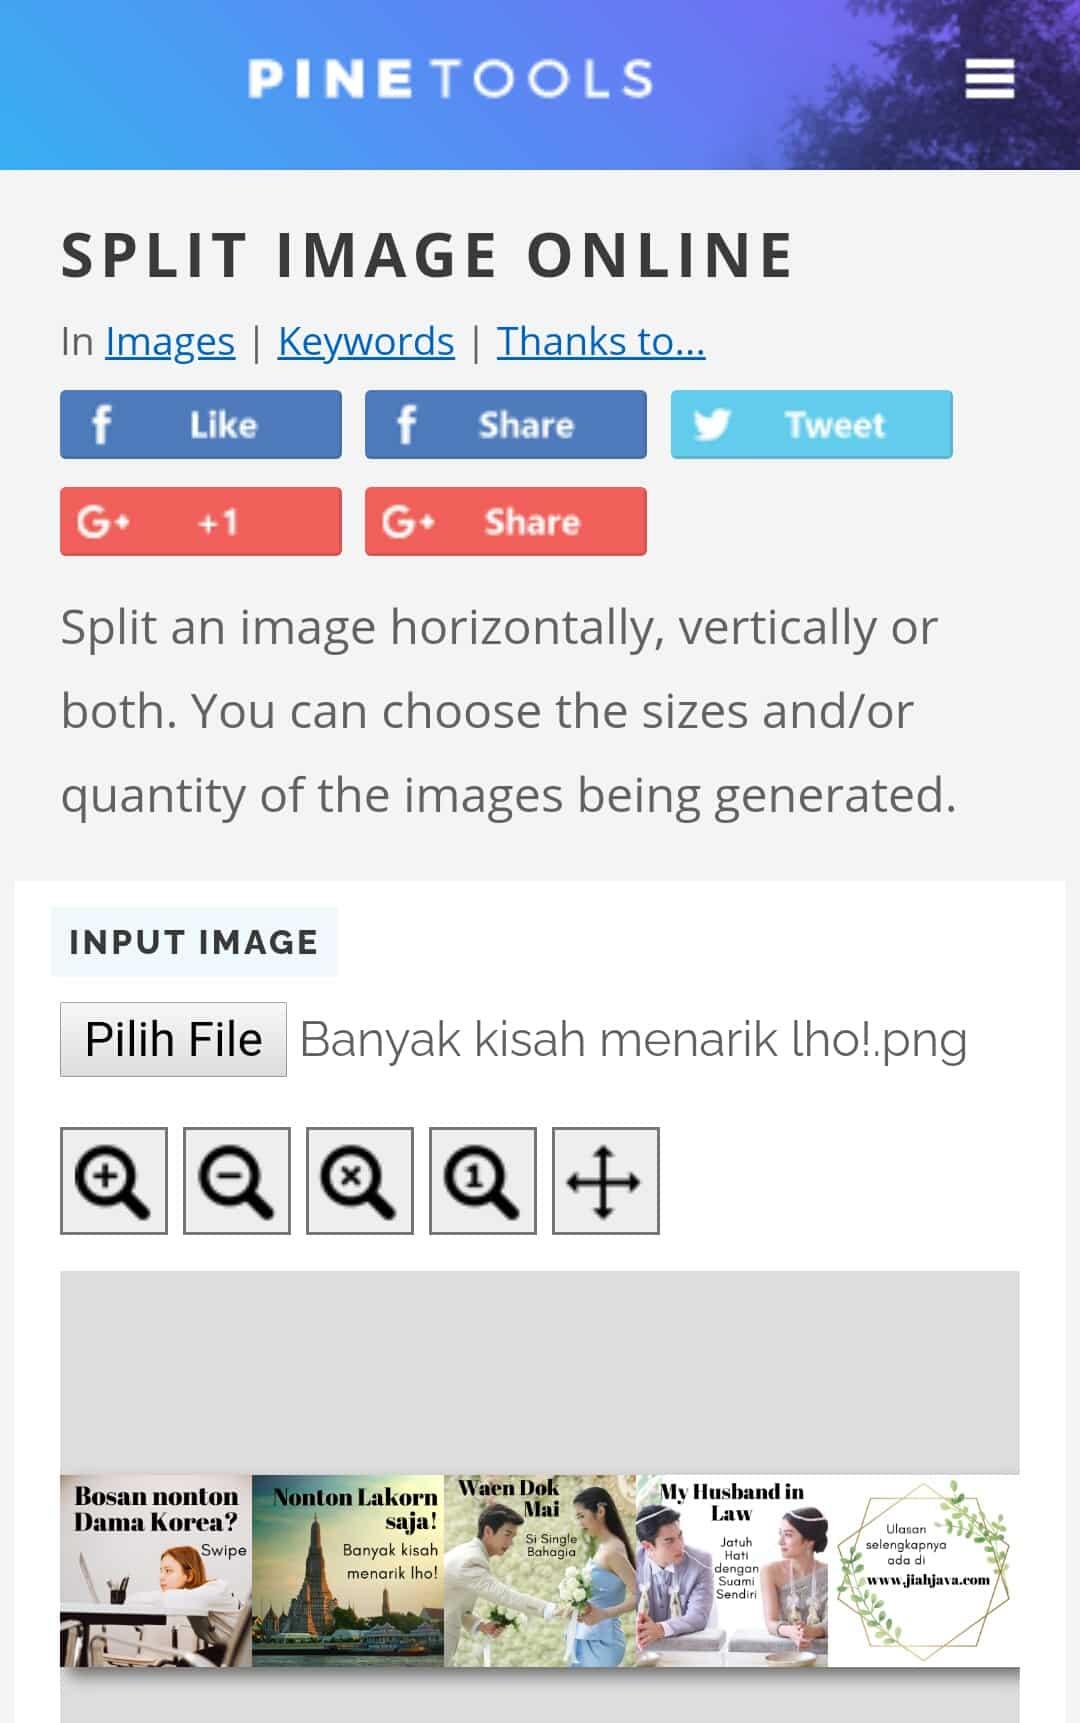 Lalu-klik-pada-tombol-choose-File-yang-ada-di-bagian-Imput-Image-untuk-memilih-foto-yang-akan-dijadikan-sebagai-feed